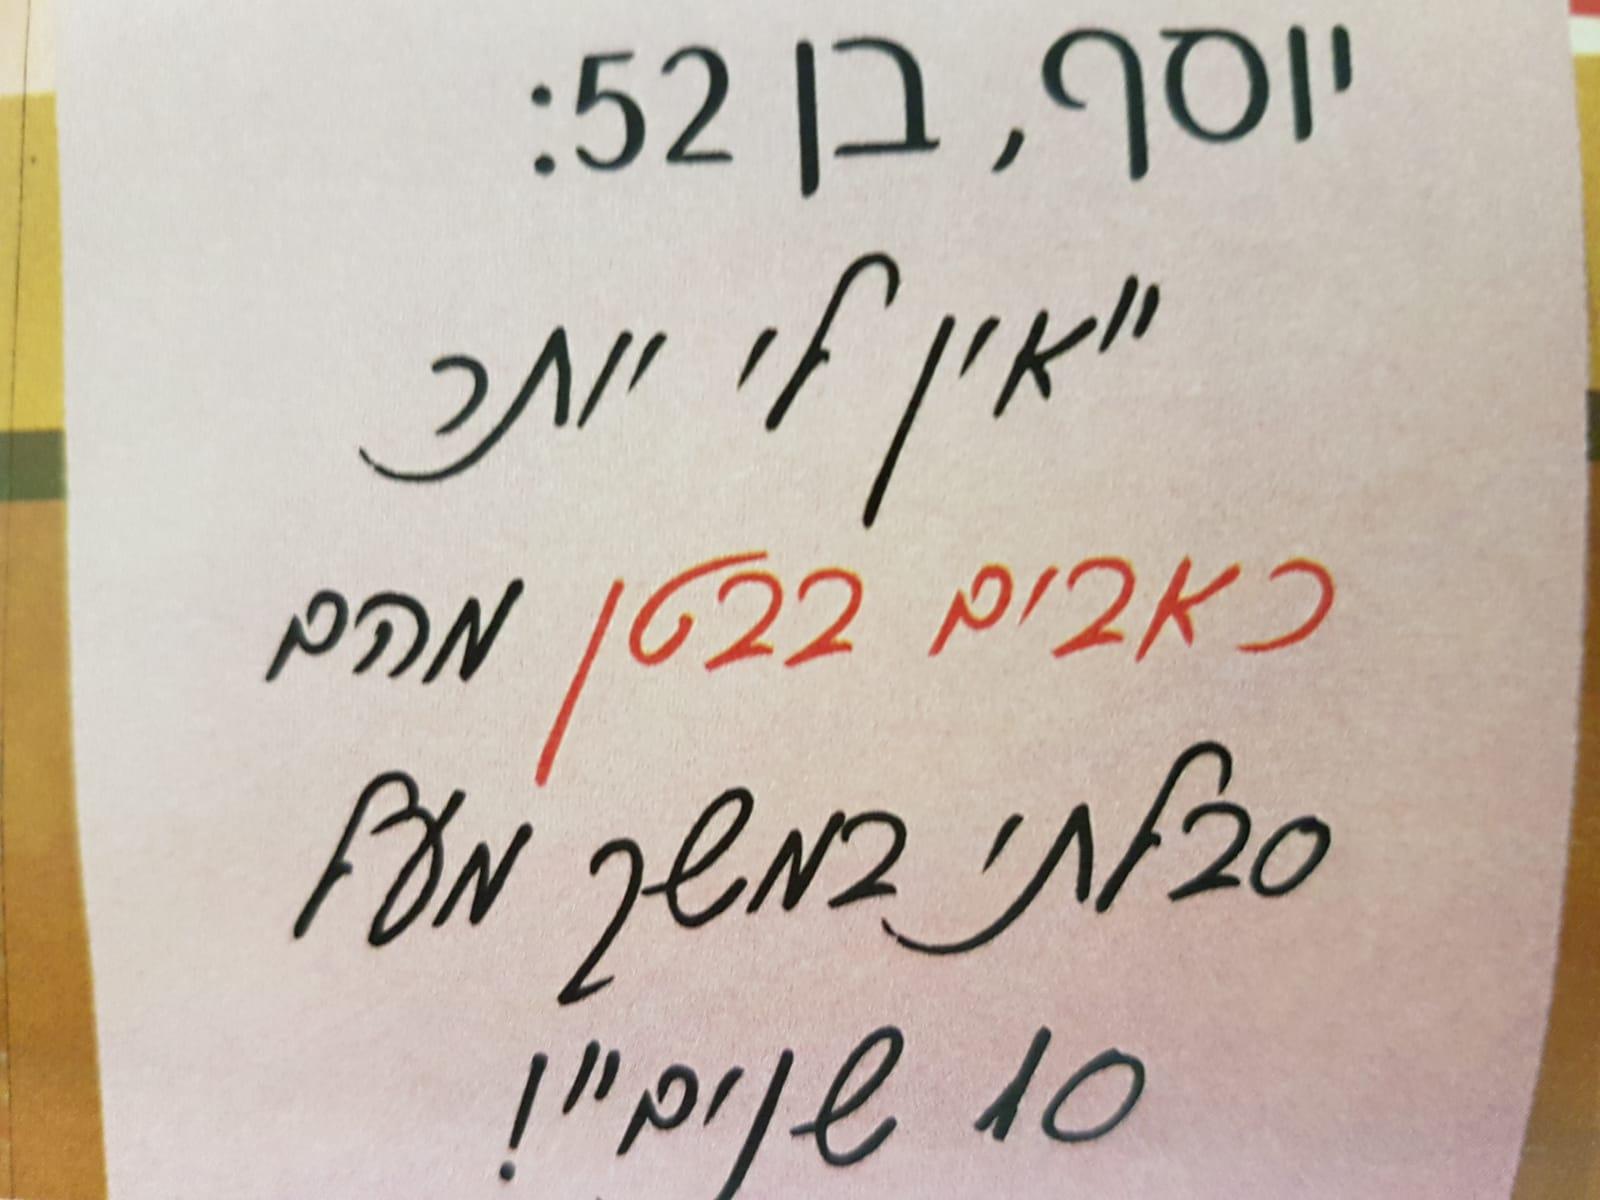 f8da6e39-21a8-4197-8104-21cce10d86f9